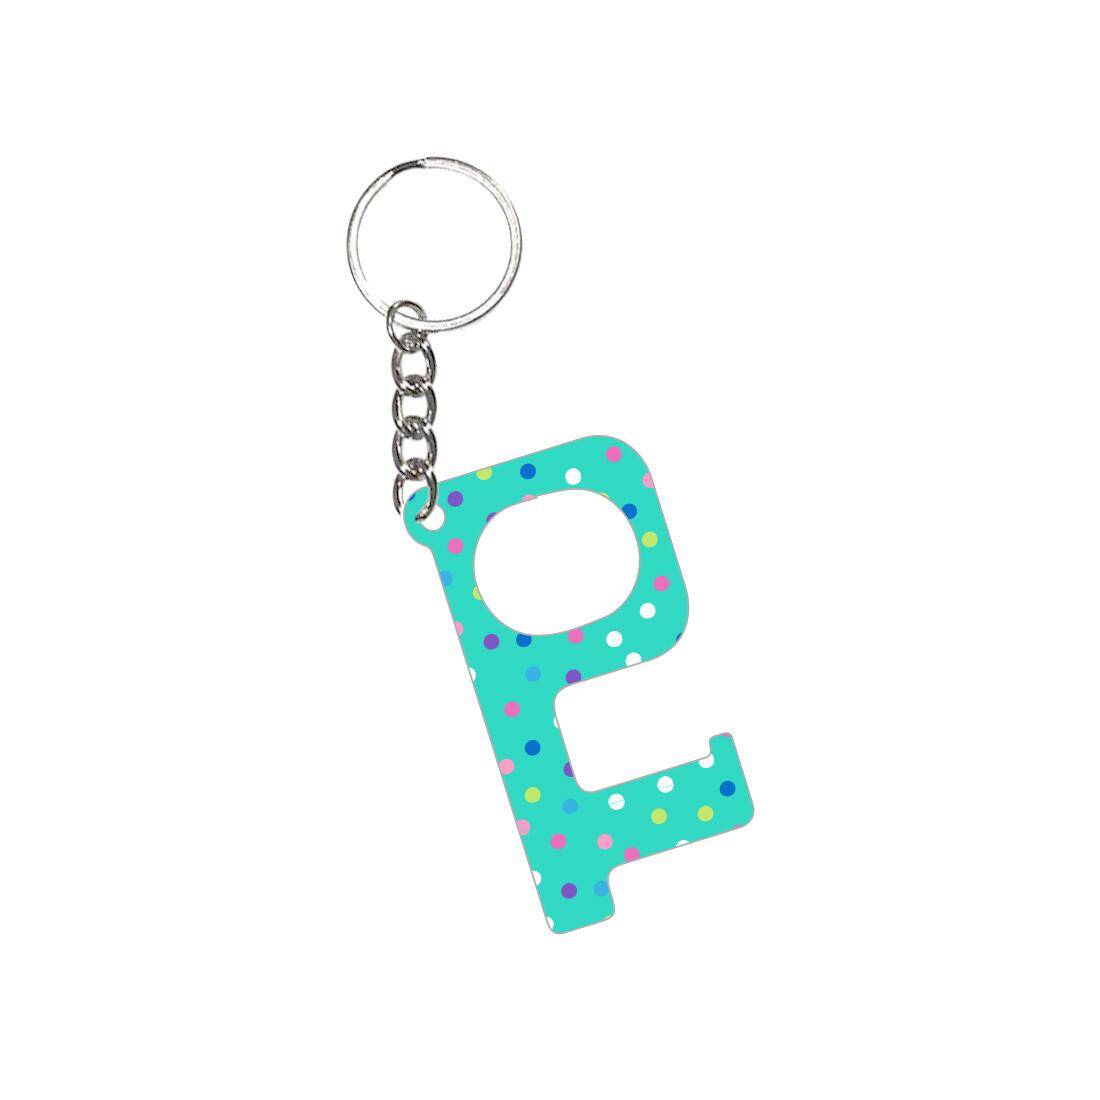 Lottie Hands-Free Keychain